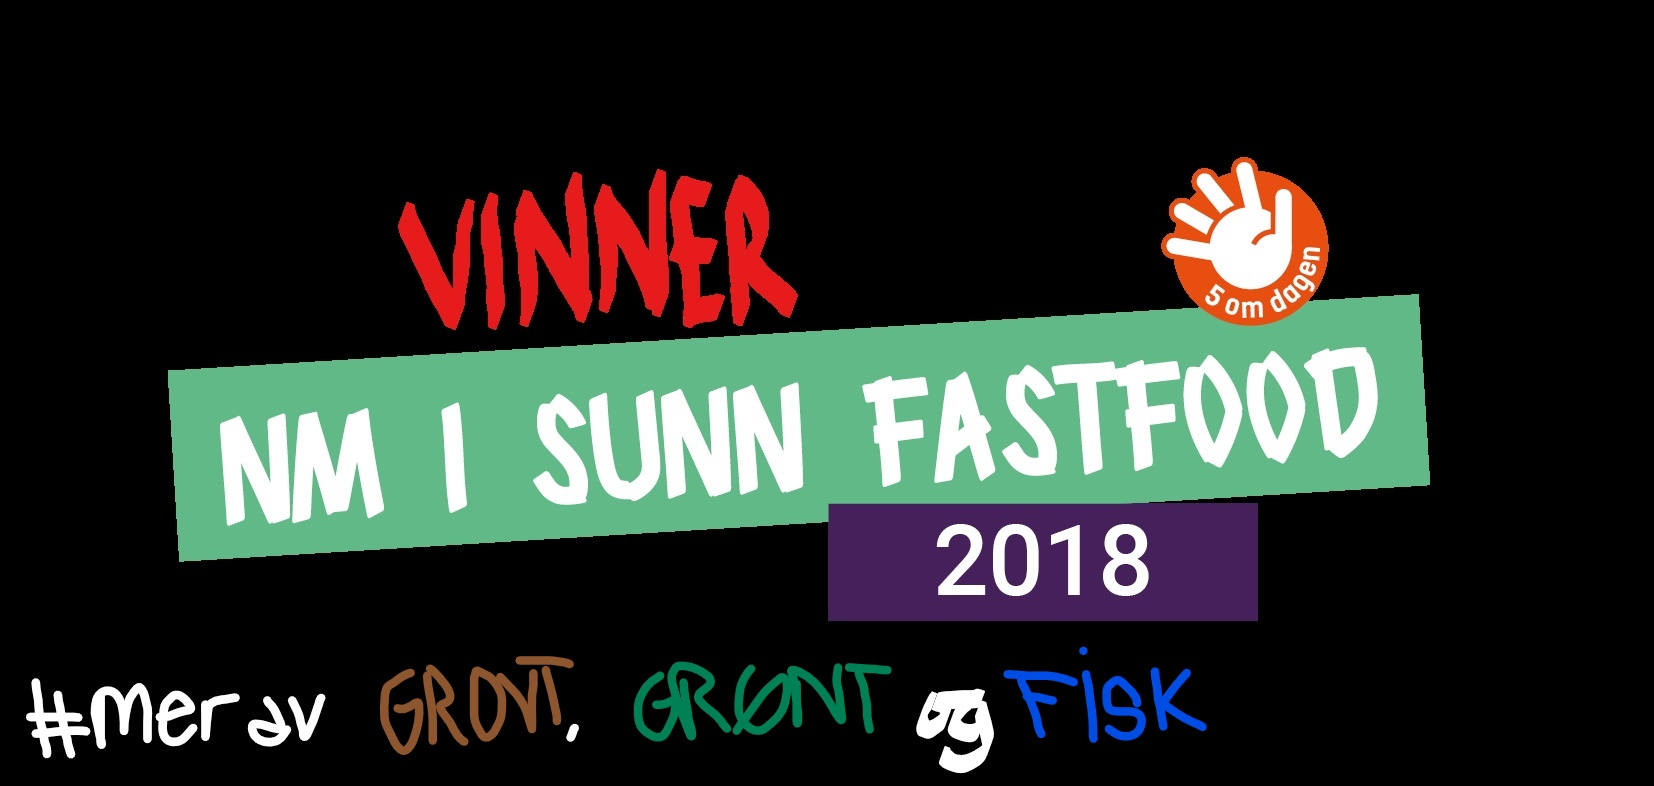 Vi vant NM i Sunn fastfood 2018 med den innovative FISKEBURGER MED TARE; som både er sunn, miljøvennlig og bærekraftig